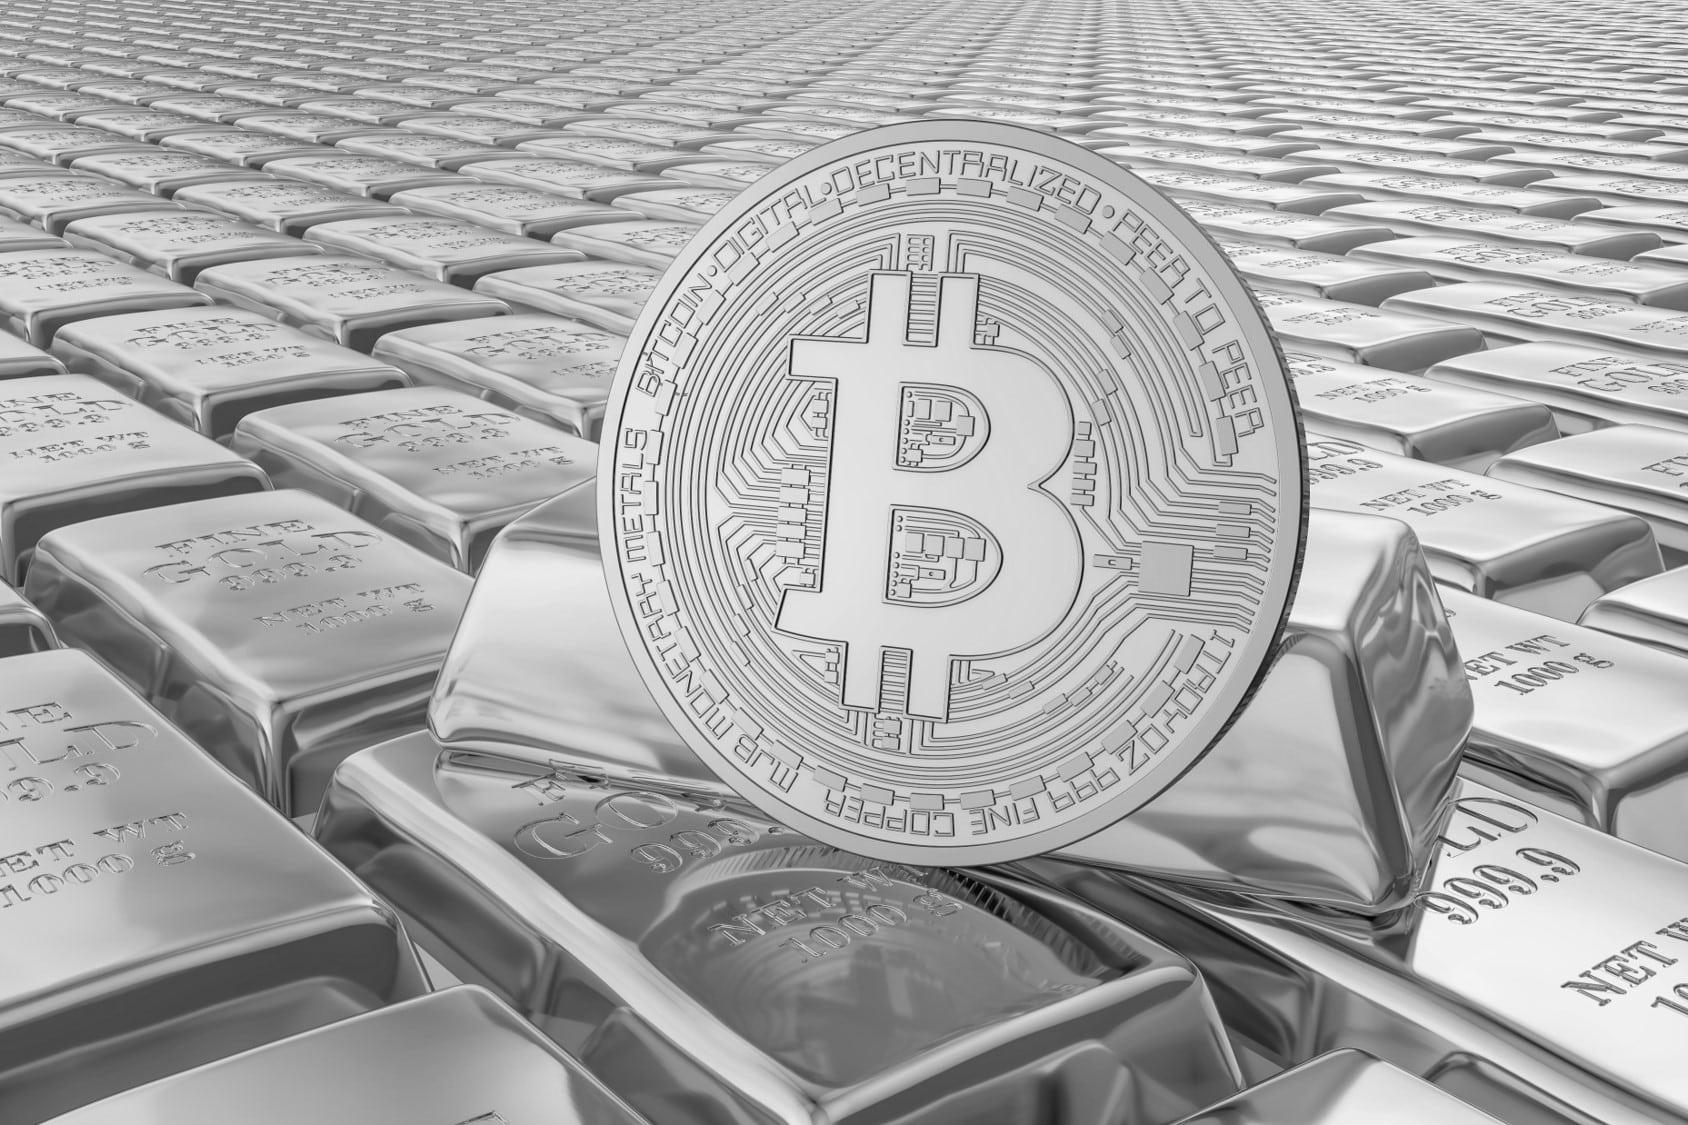 le bitcoin peut-il remplacer l'or ?